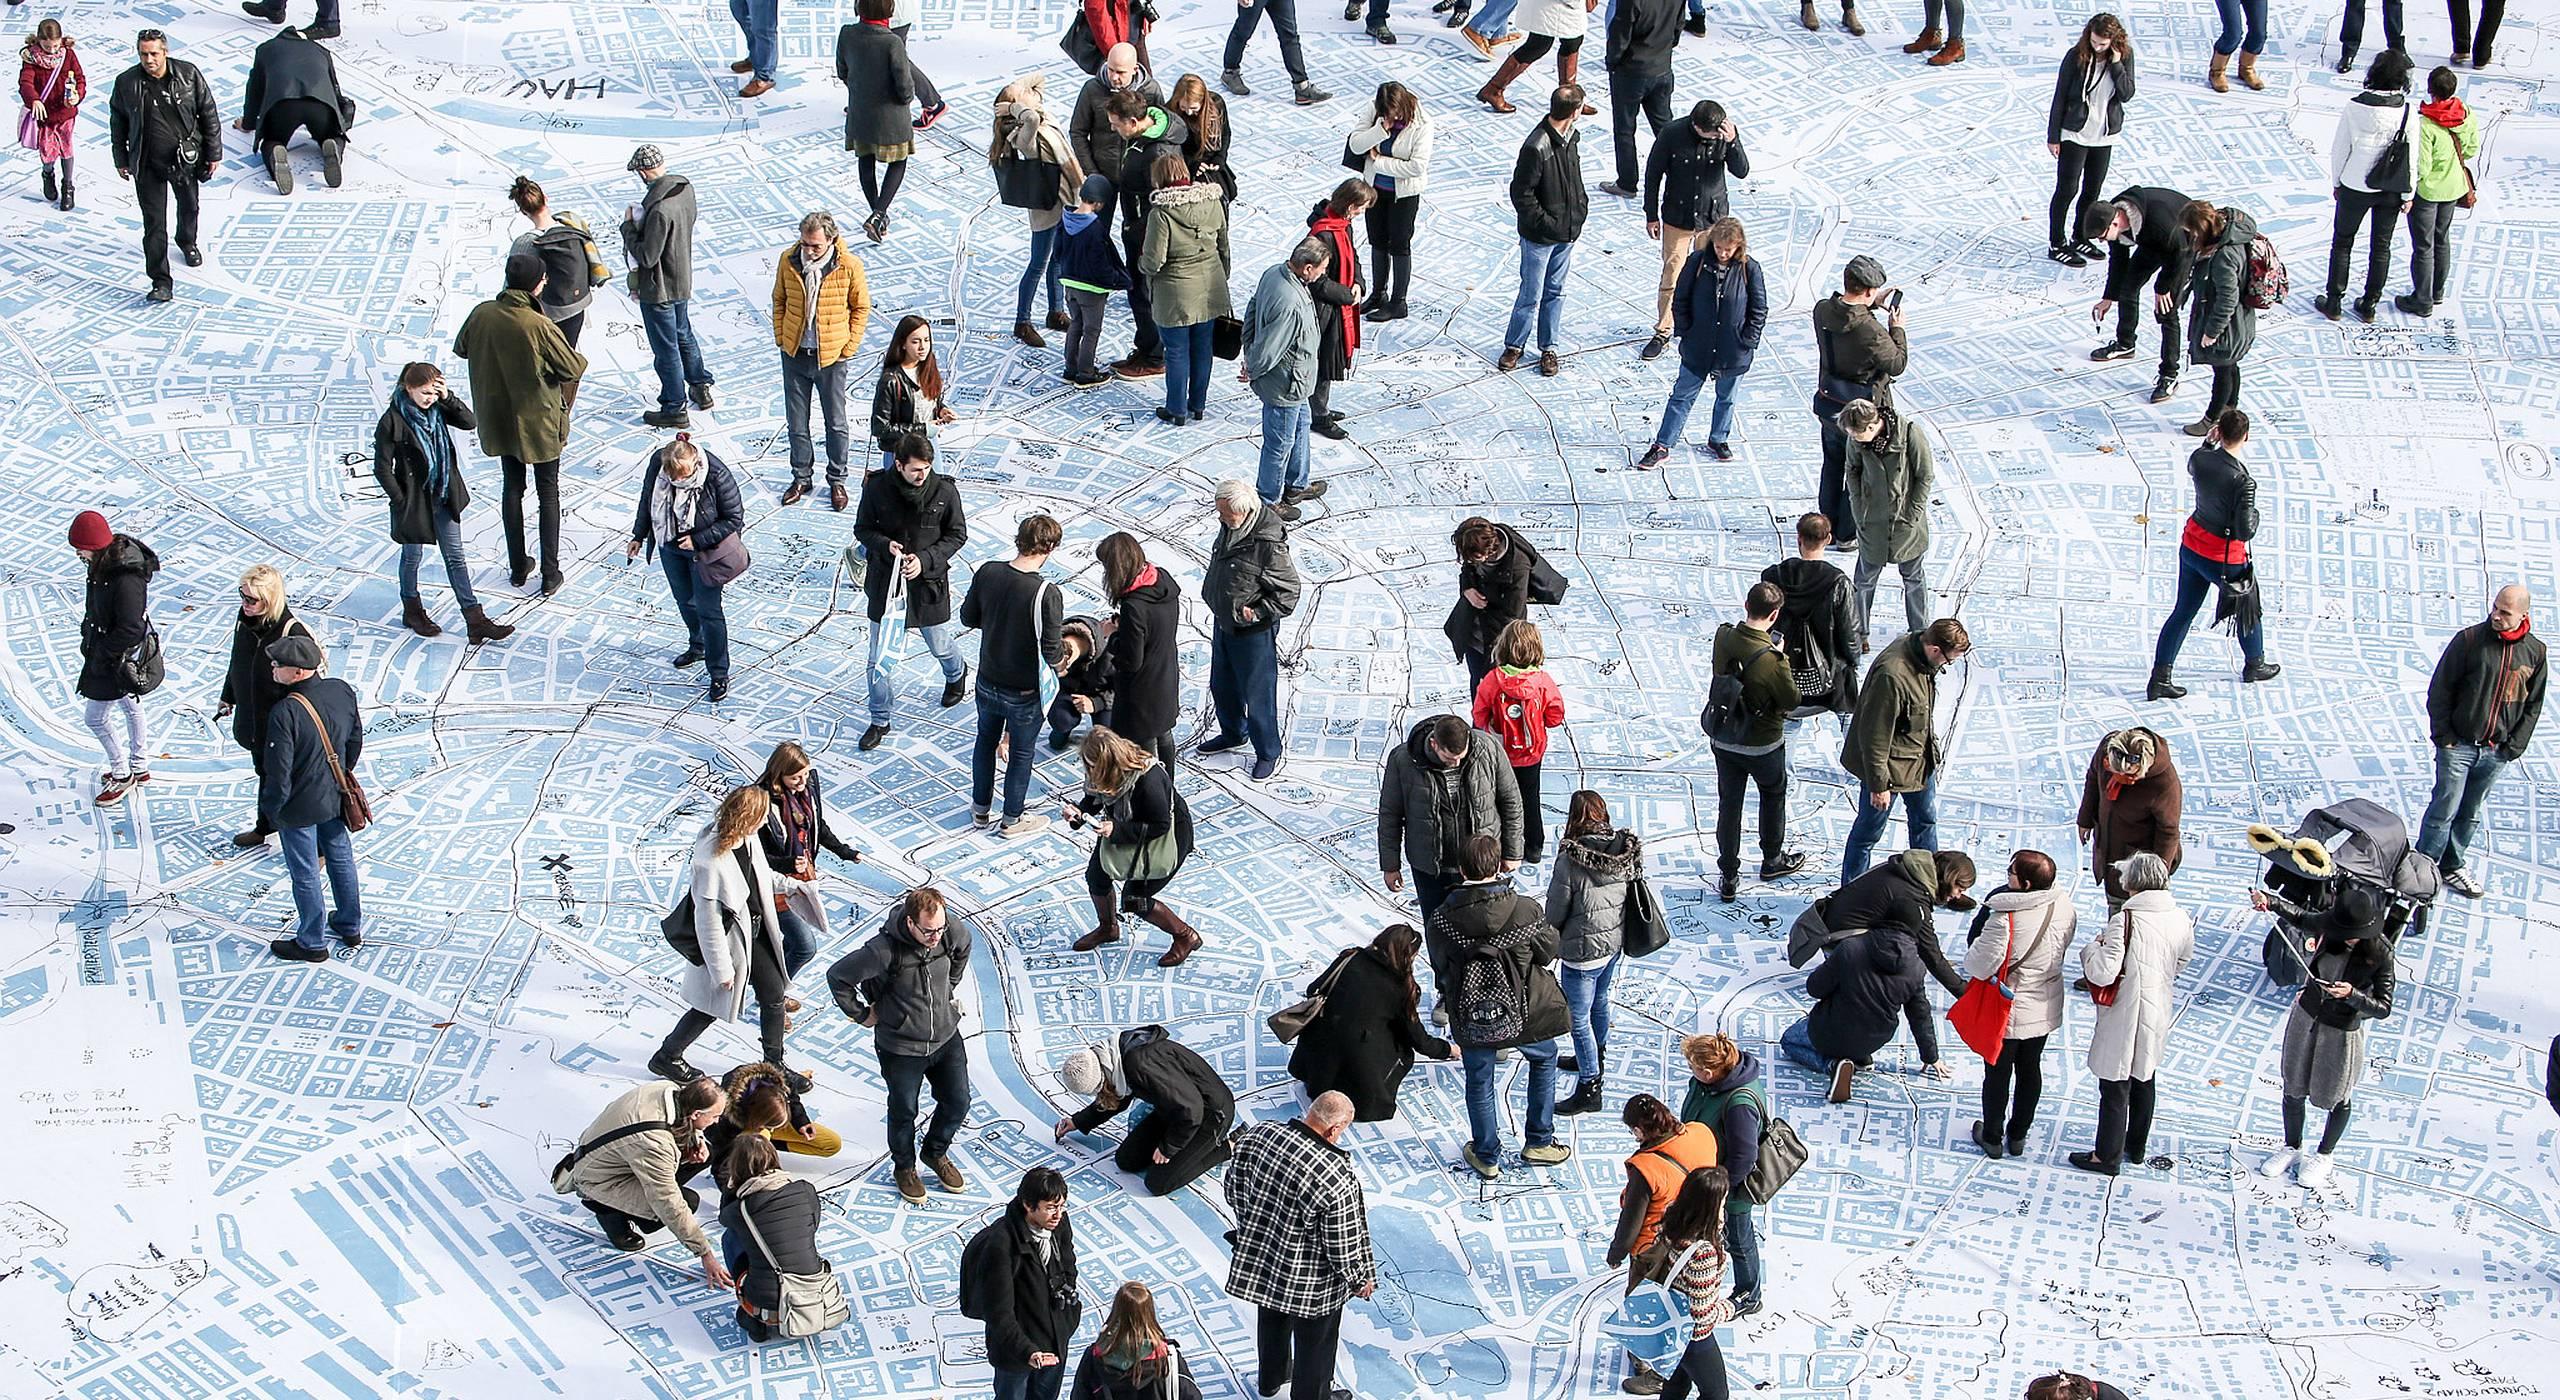 Etwa 50 Personen gehen, stehen und staunen über die größte Wienkarte aller Zeiten am Wiener Rathausplatz.